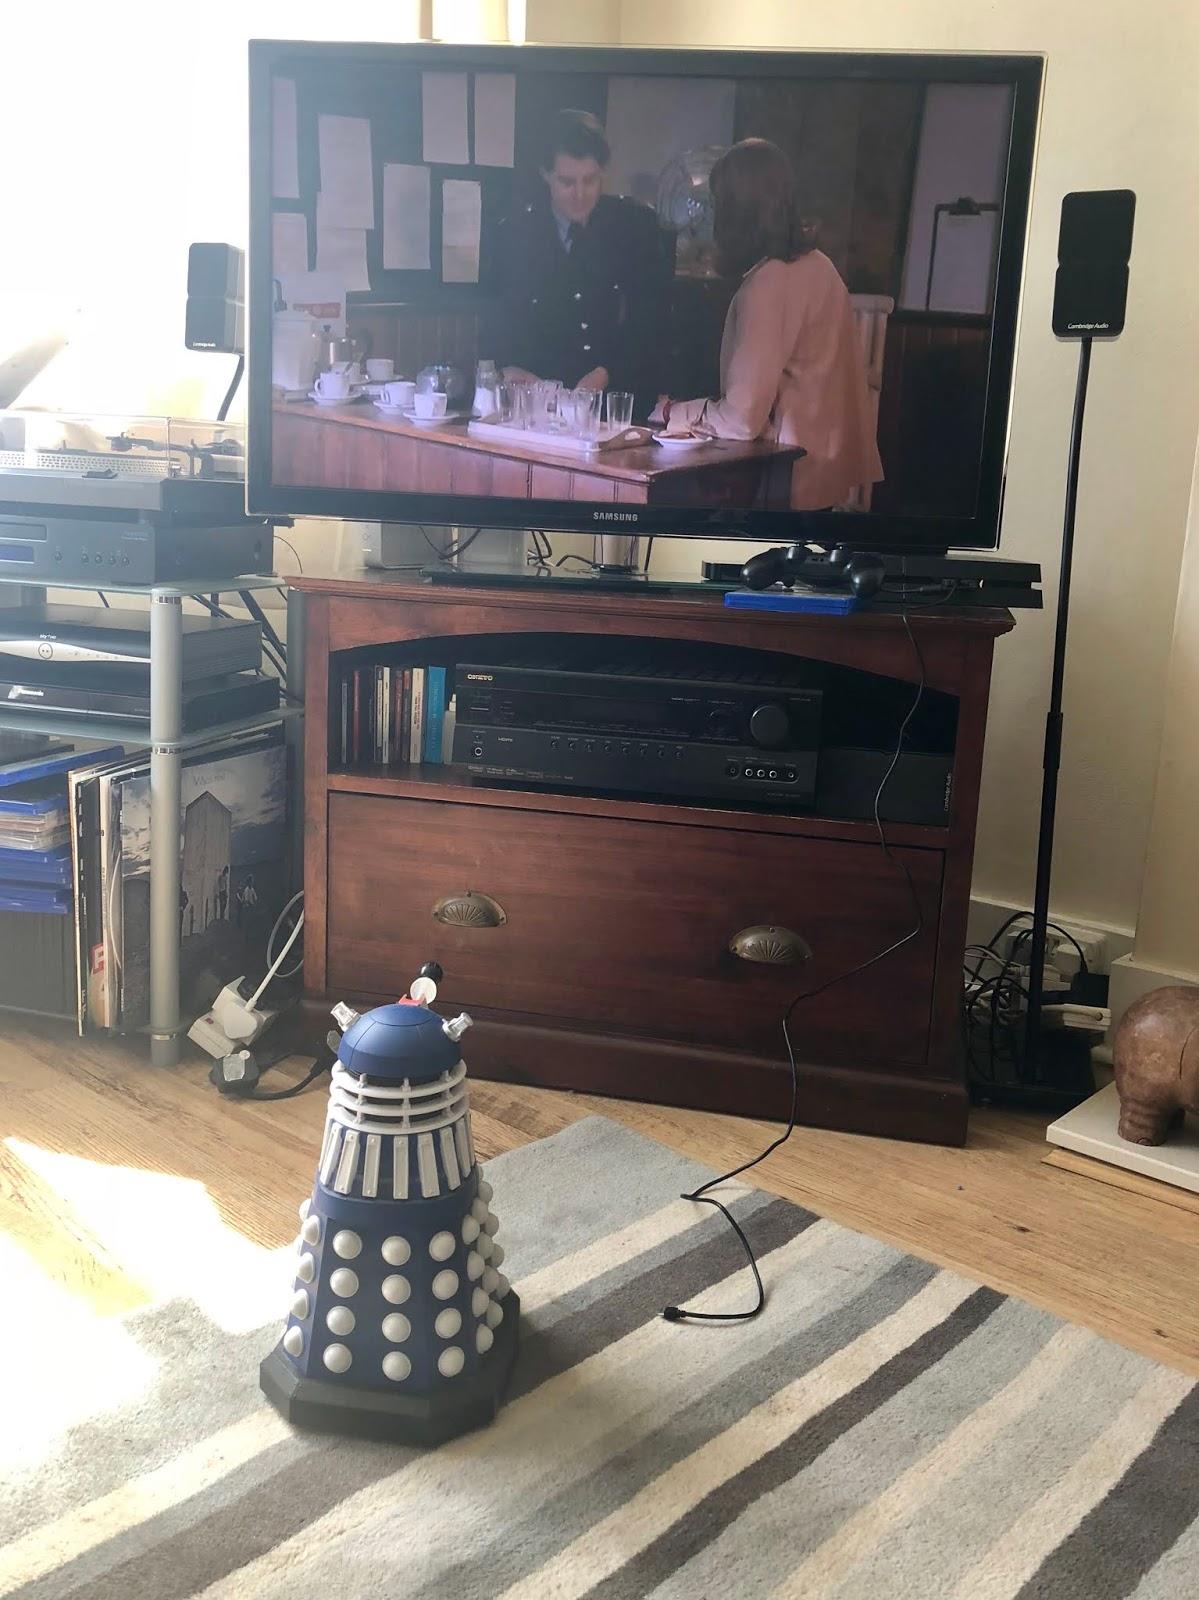 Derek watching TV